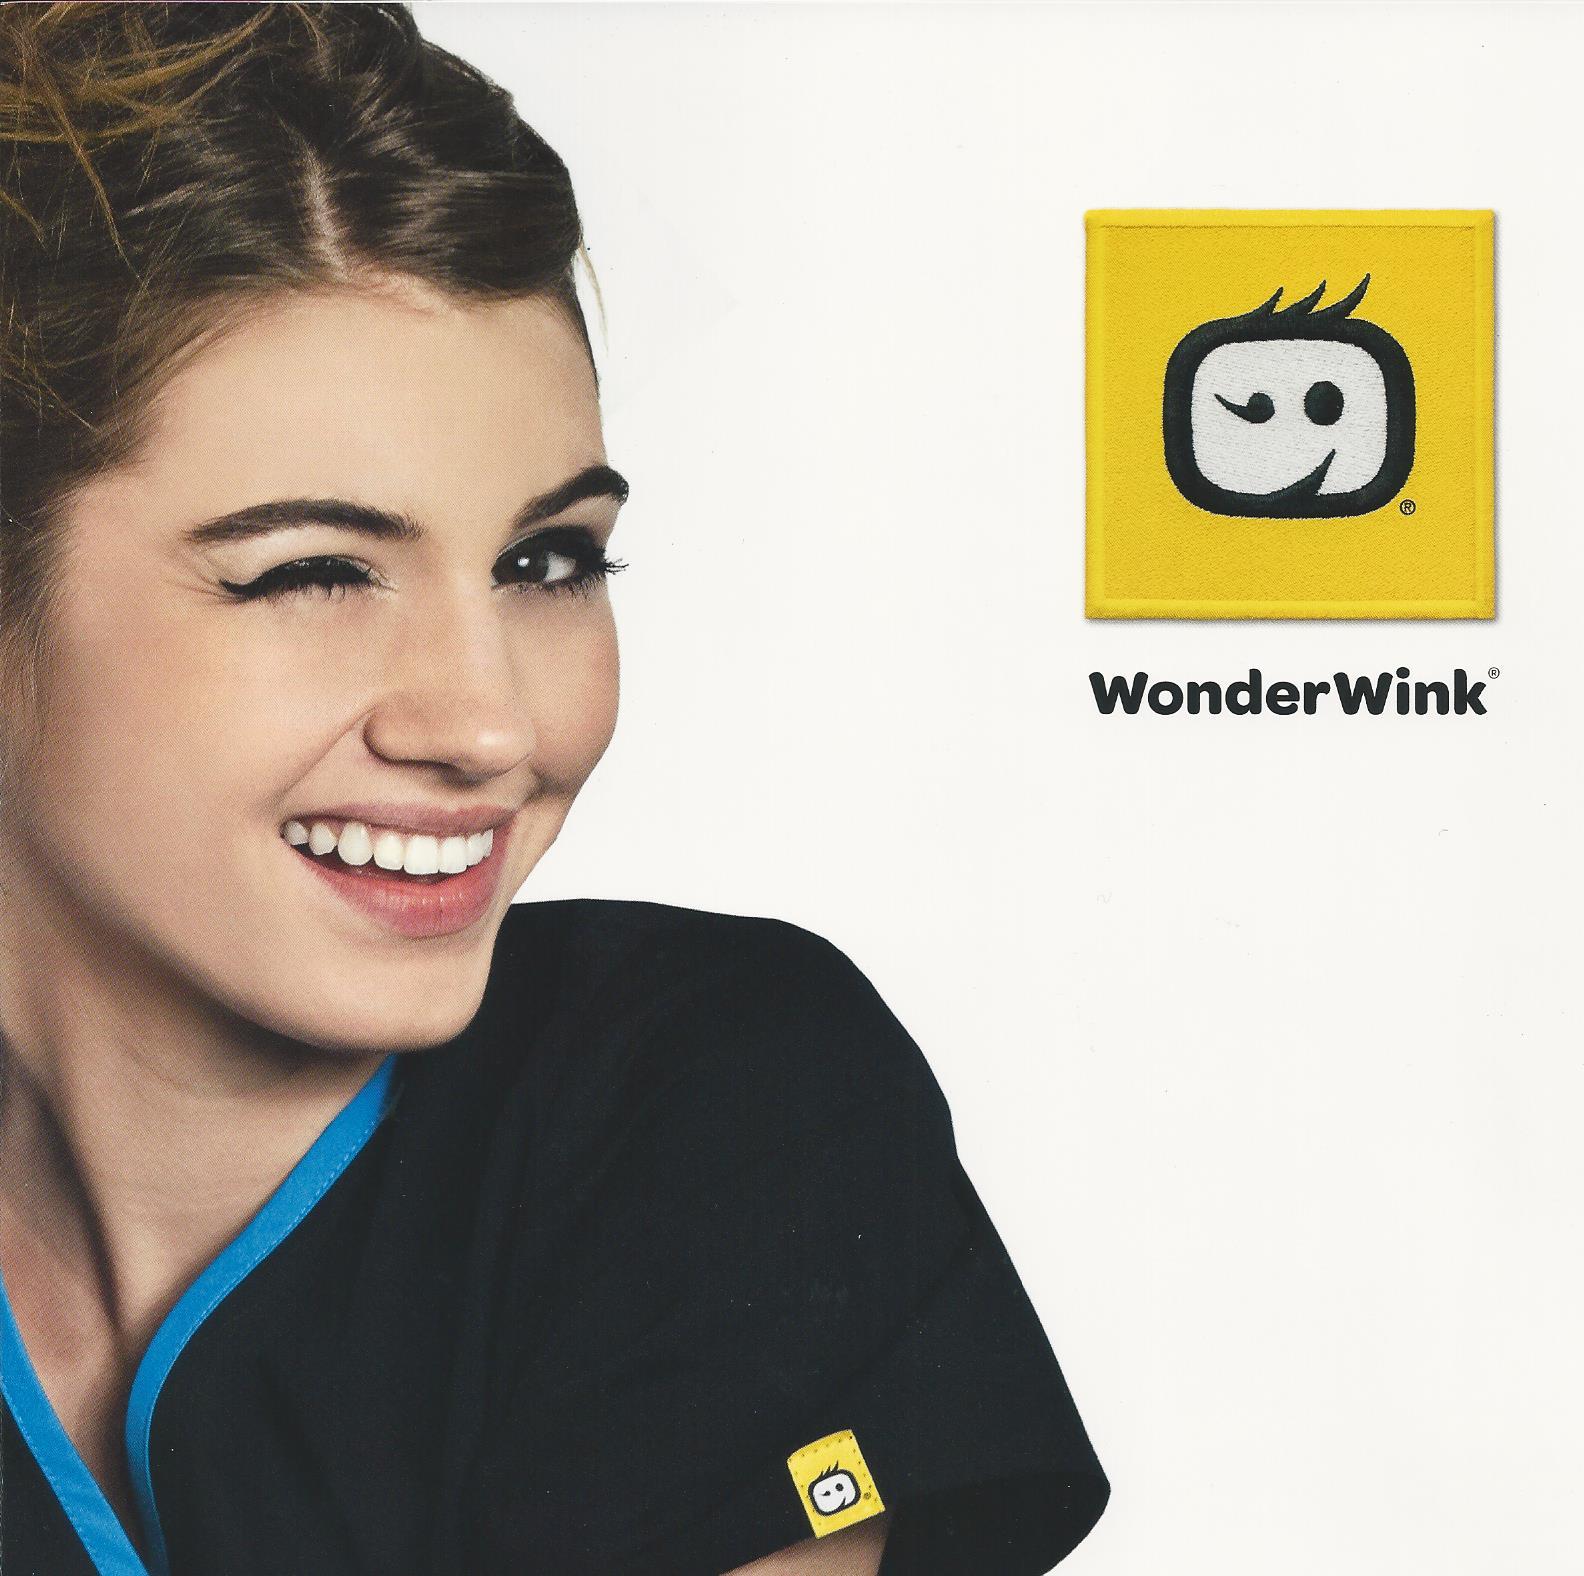 wink fbook profile pic.jpg